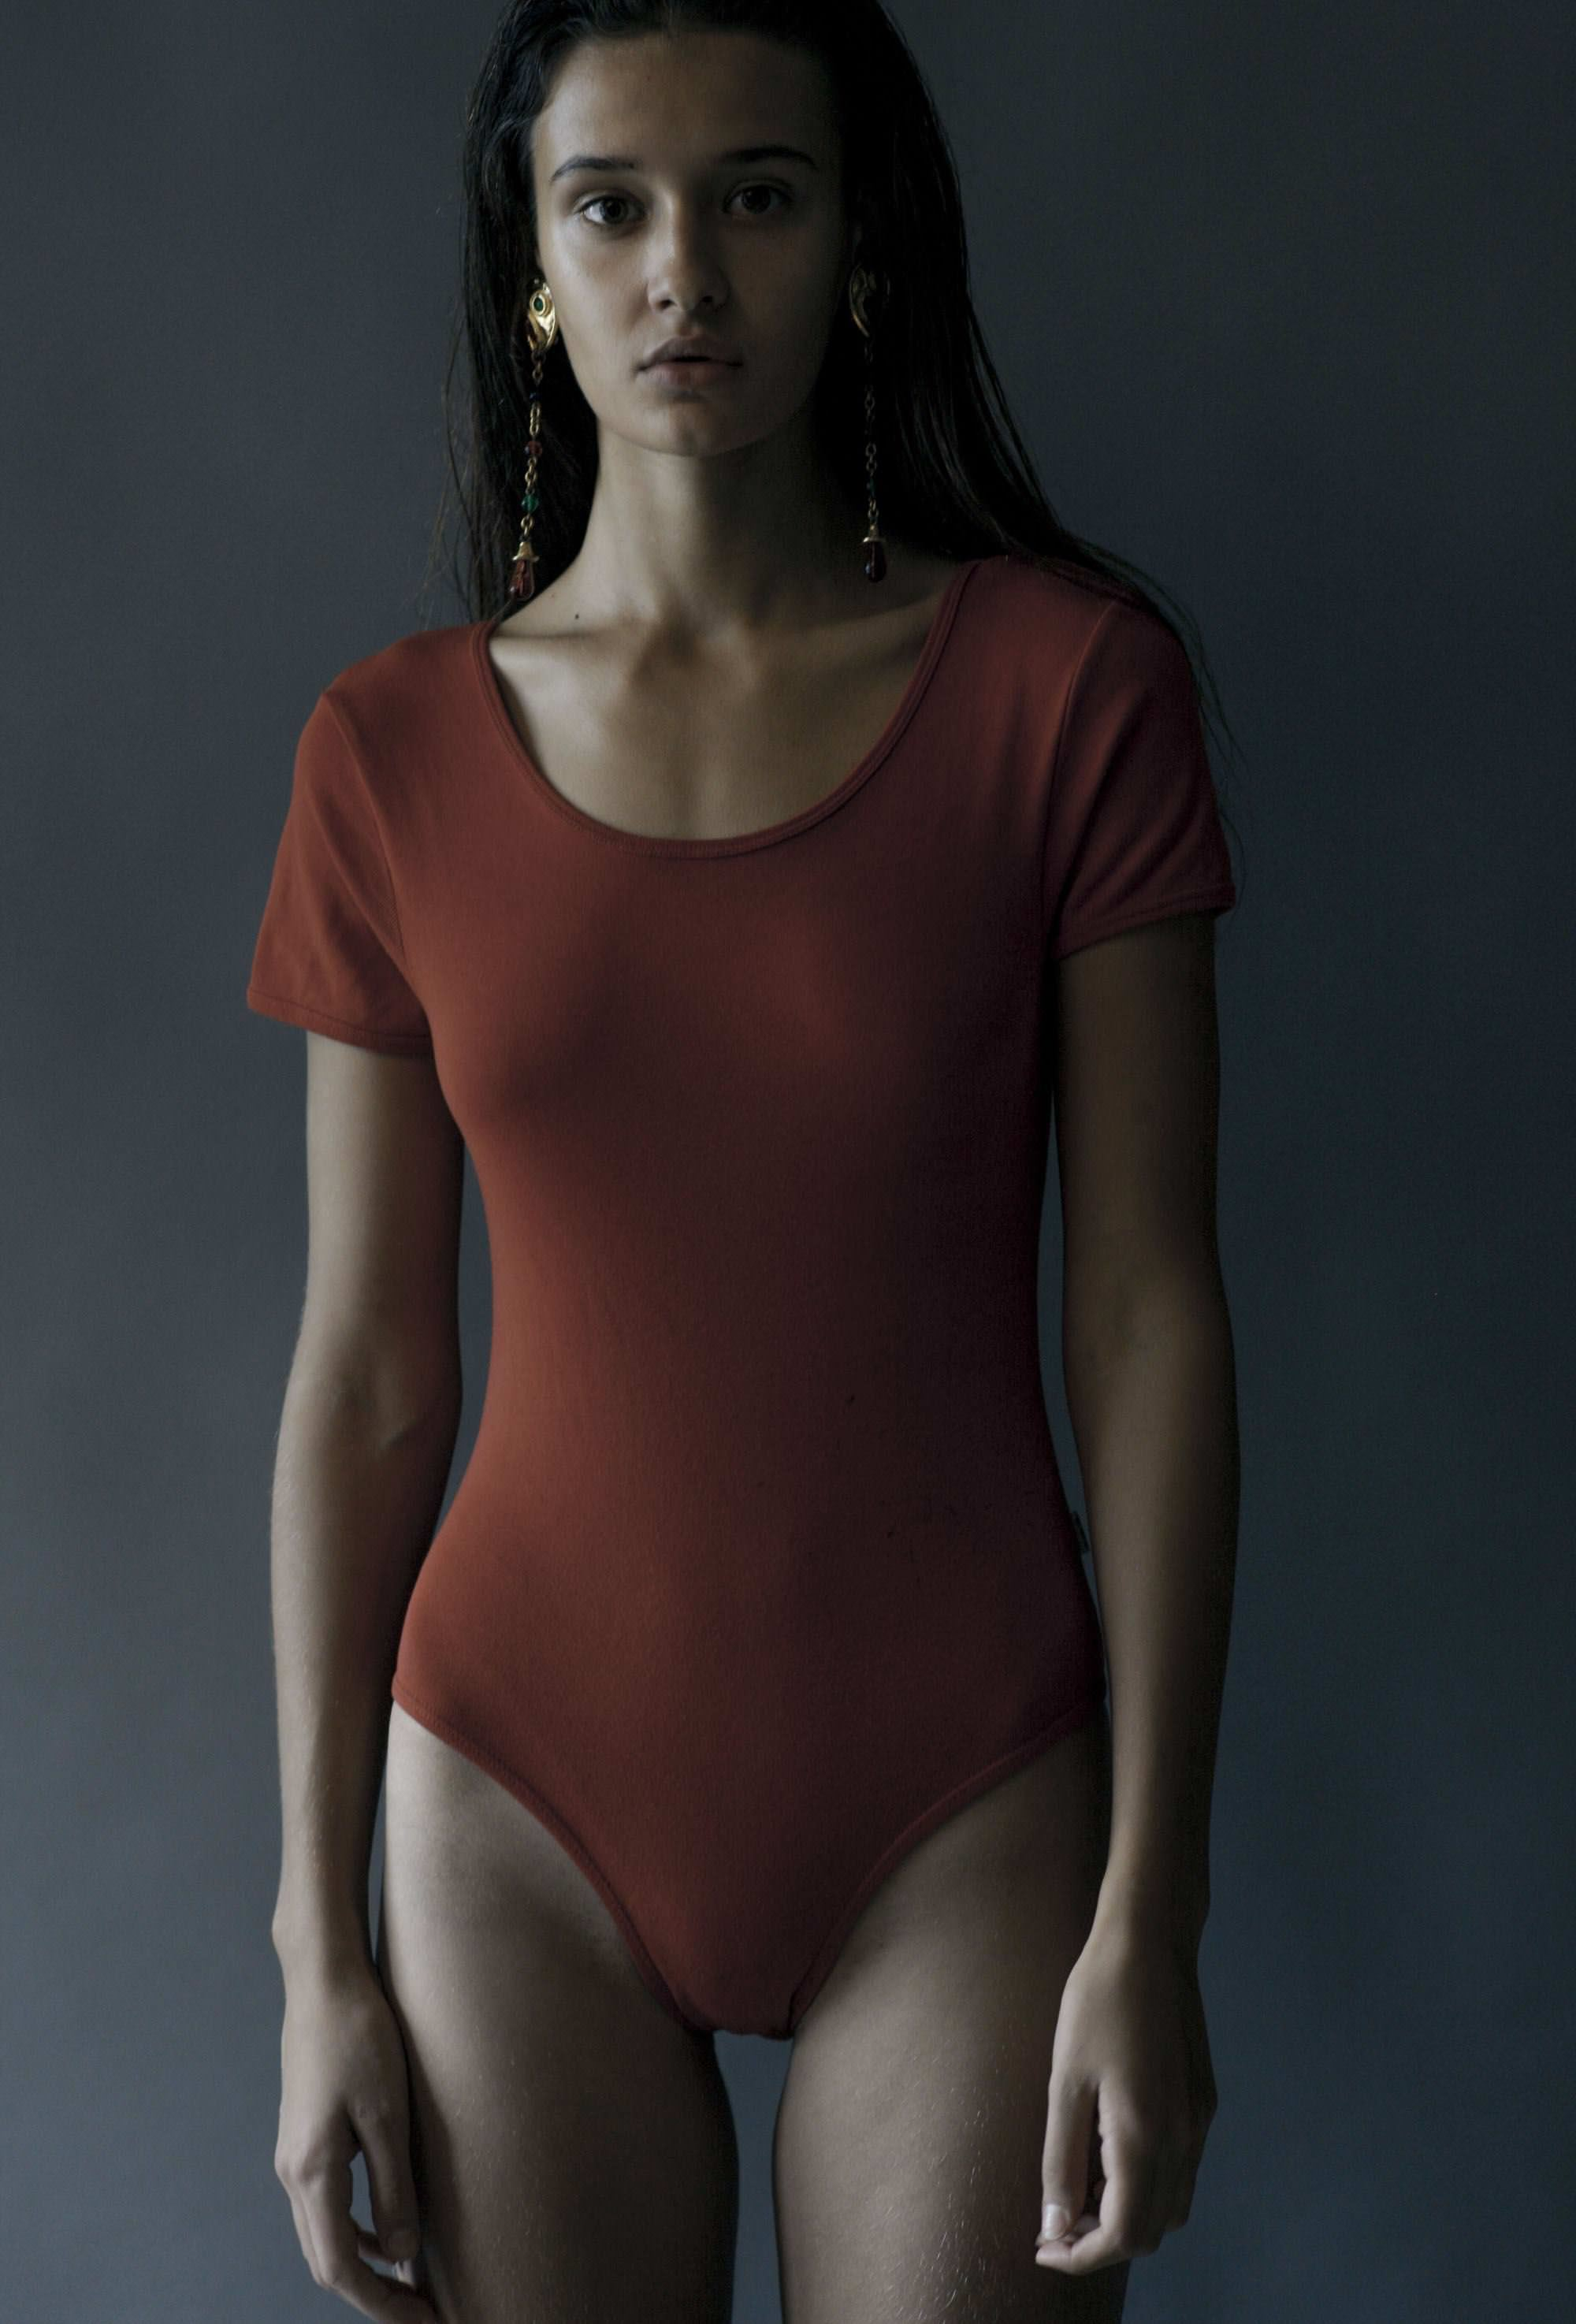 【外人】リサ・ソトニコブ(Lisa Sotnikov)が醸し出す妖艶なセミヌードポルノ画像 11208